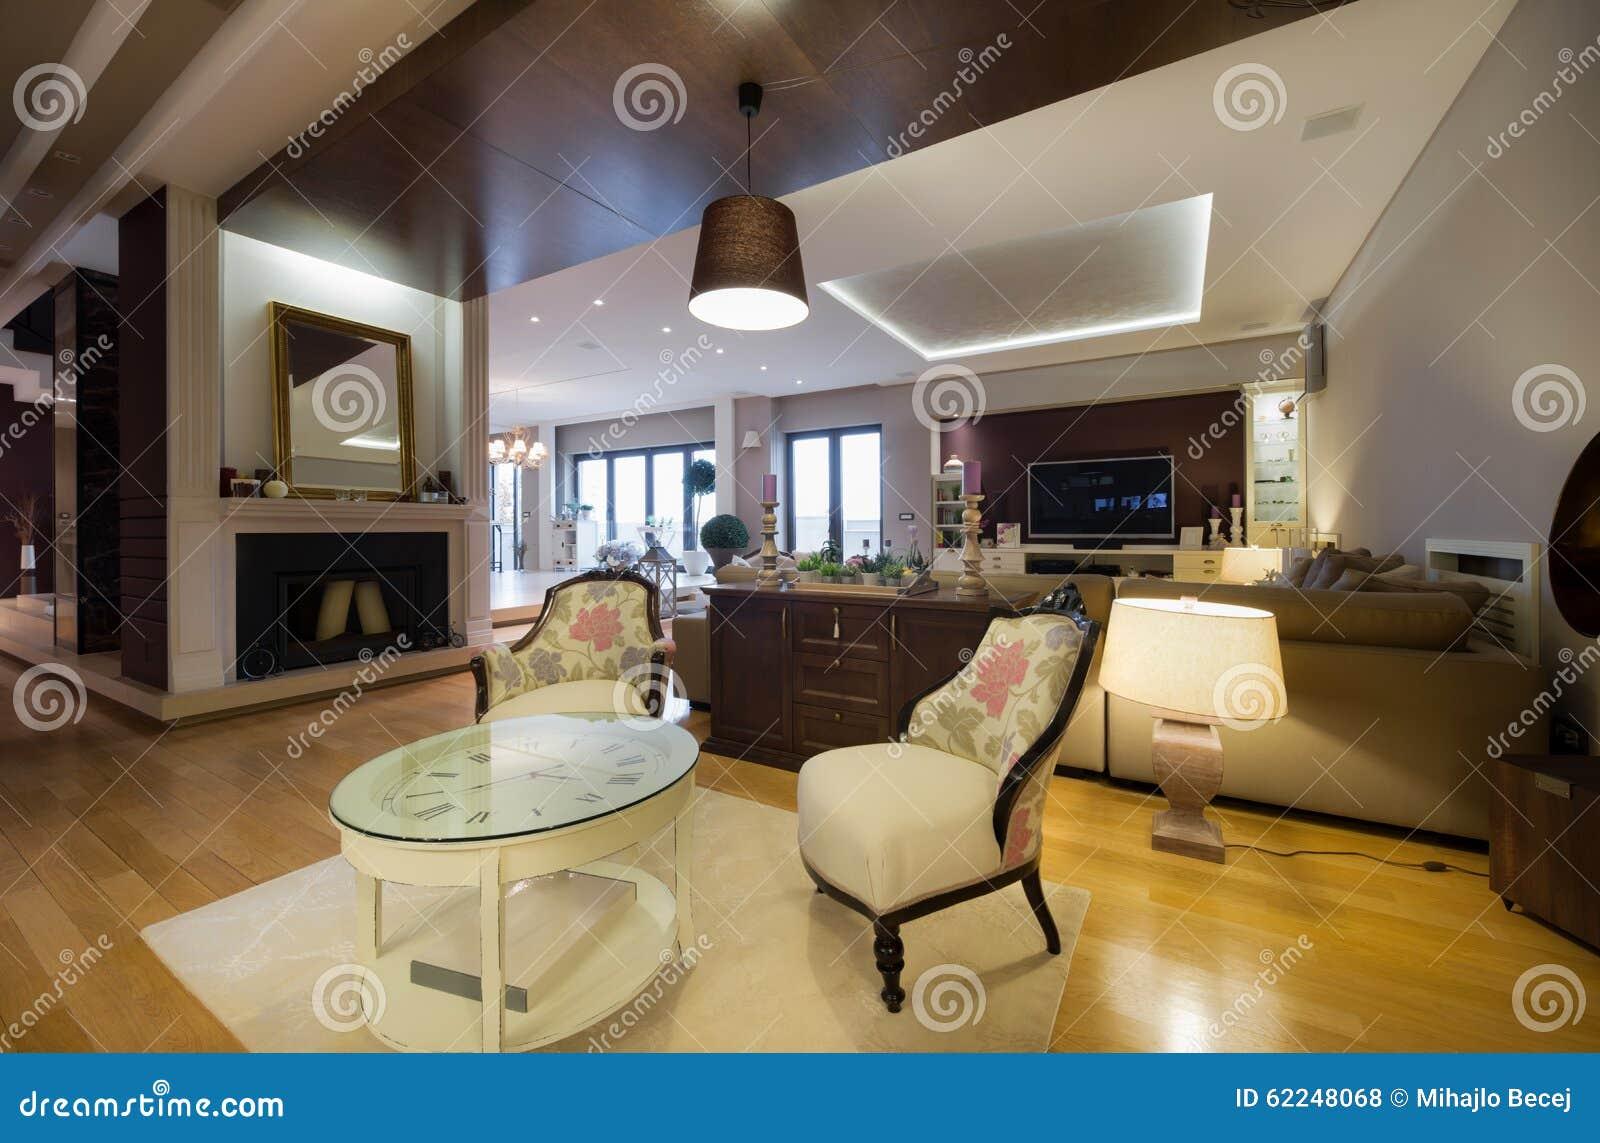 Uberlegen Innenraum Einer Luxuswohnung Mit Kamin